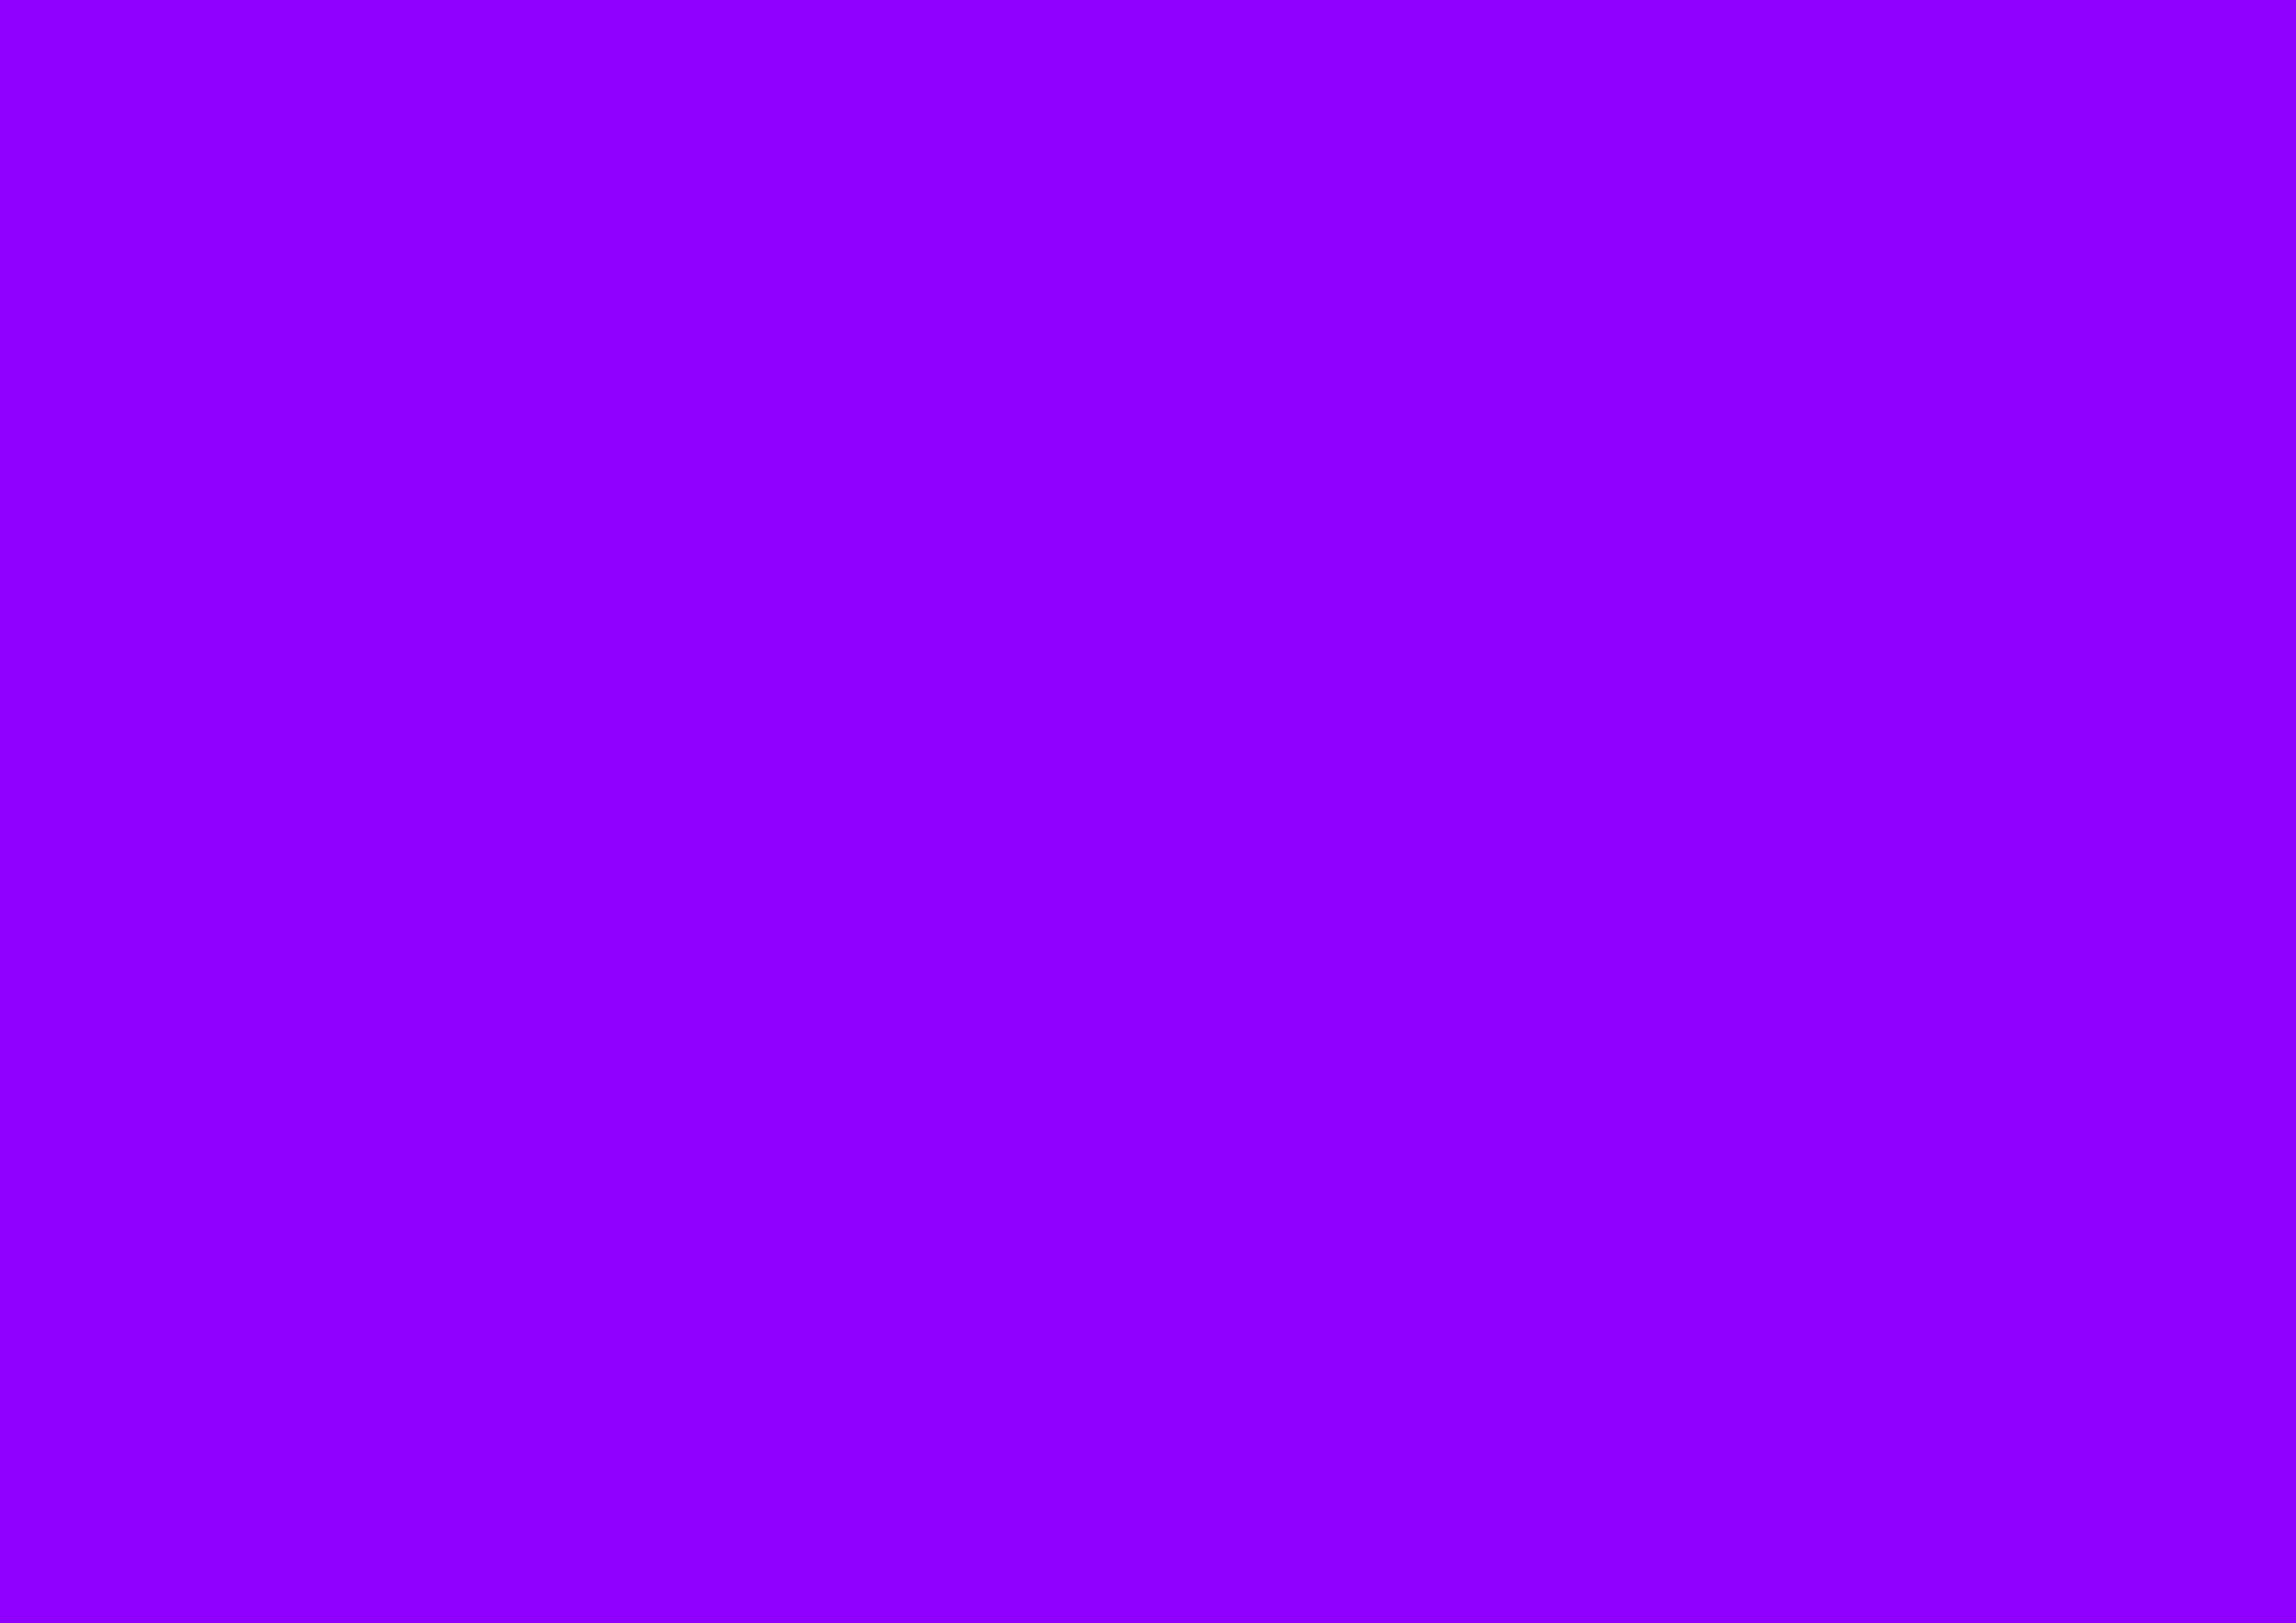 3508x2480 Violet Solid Color Background